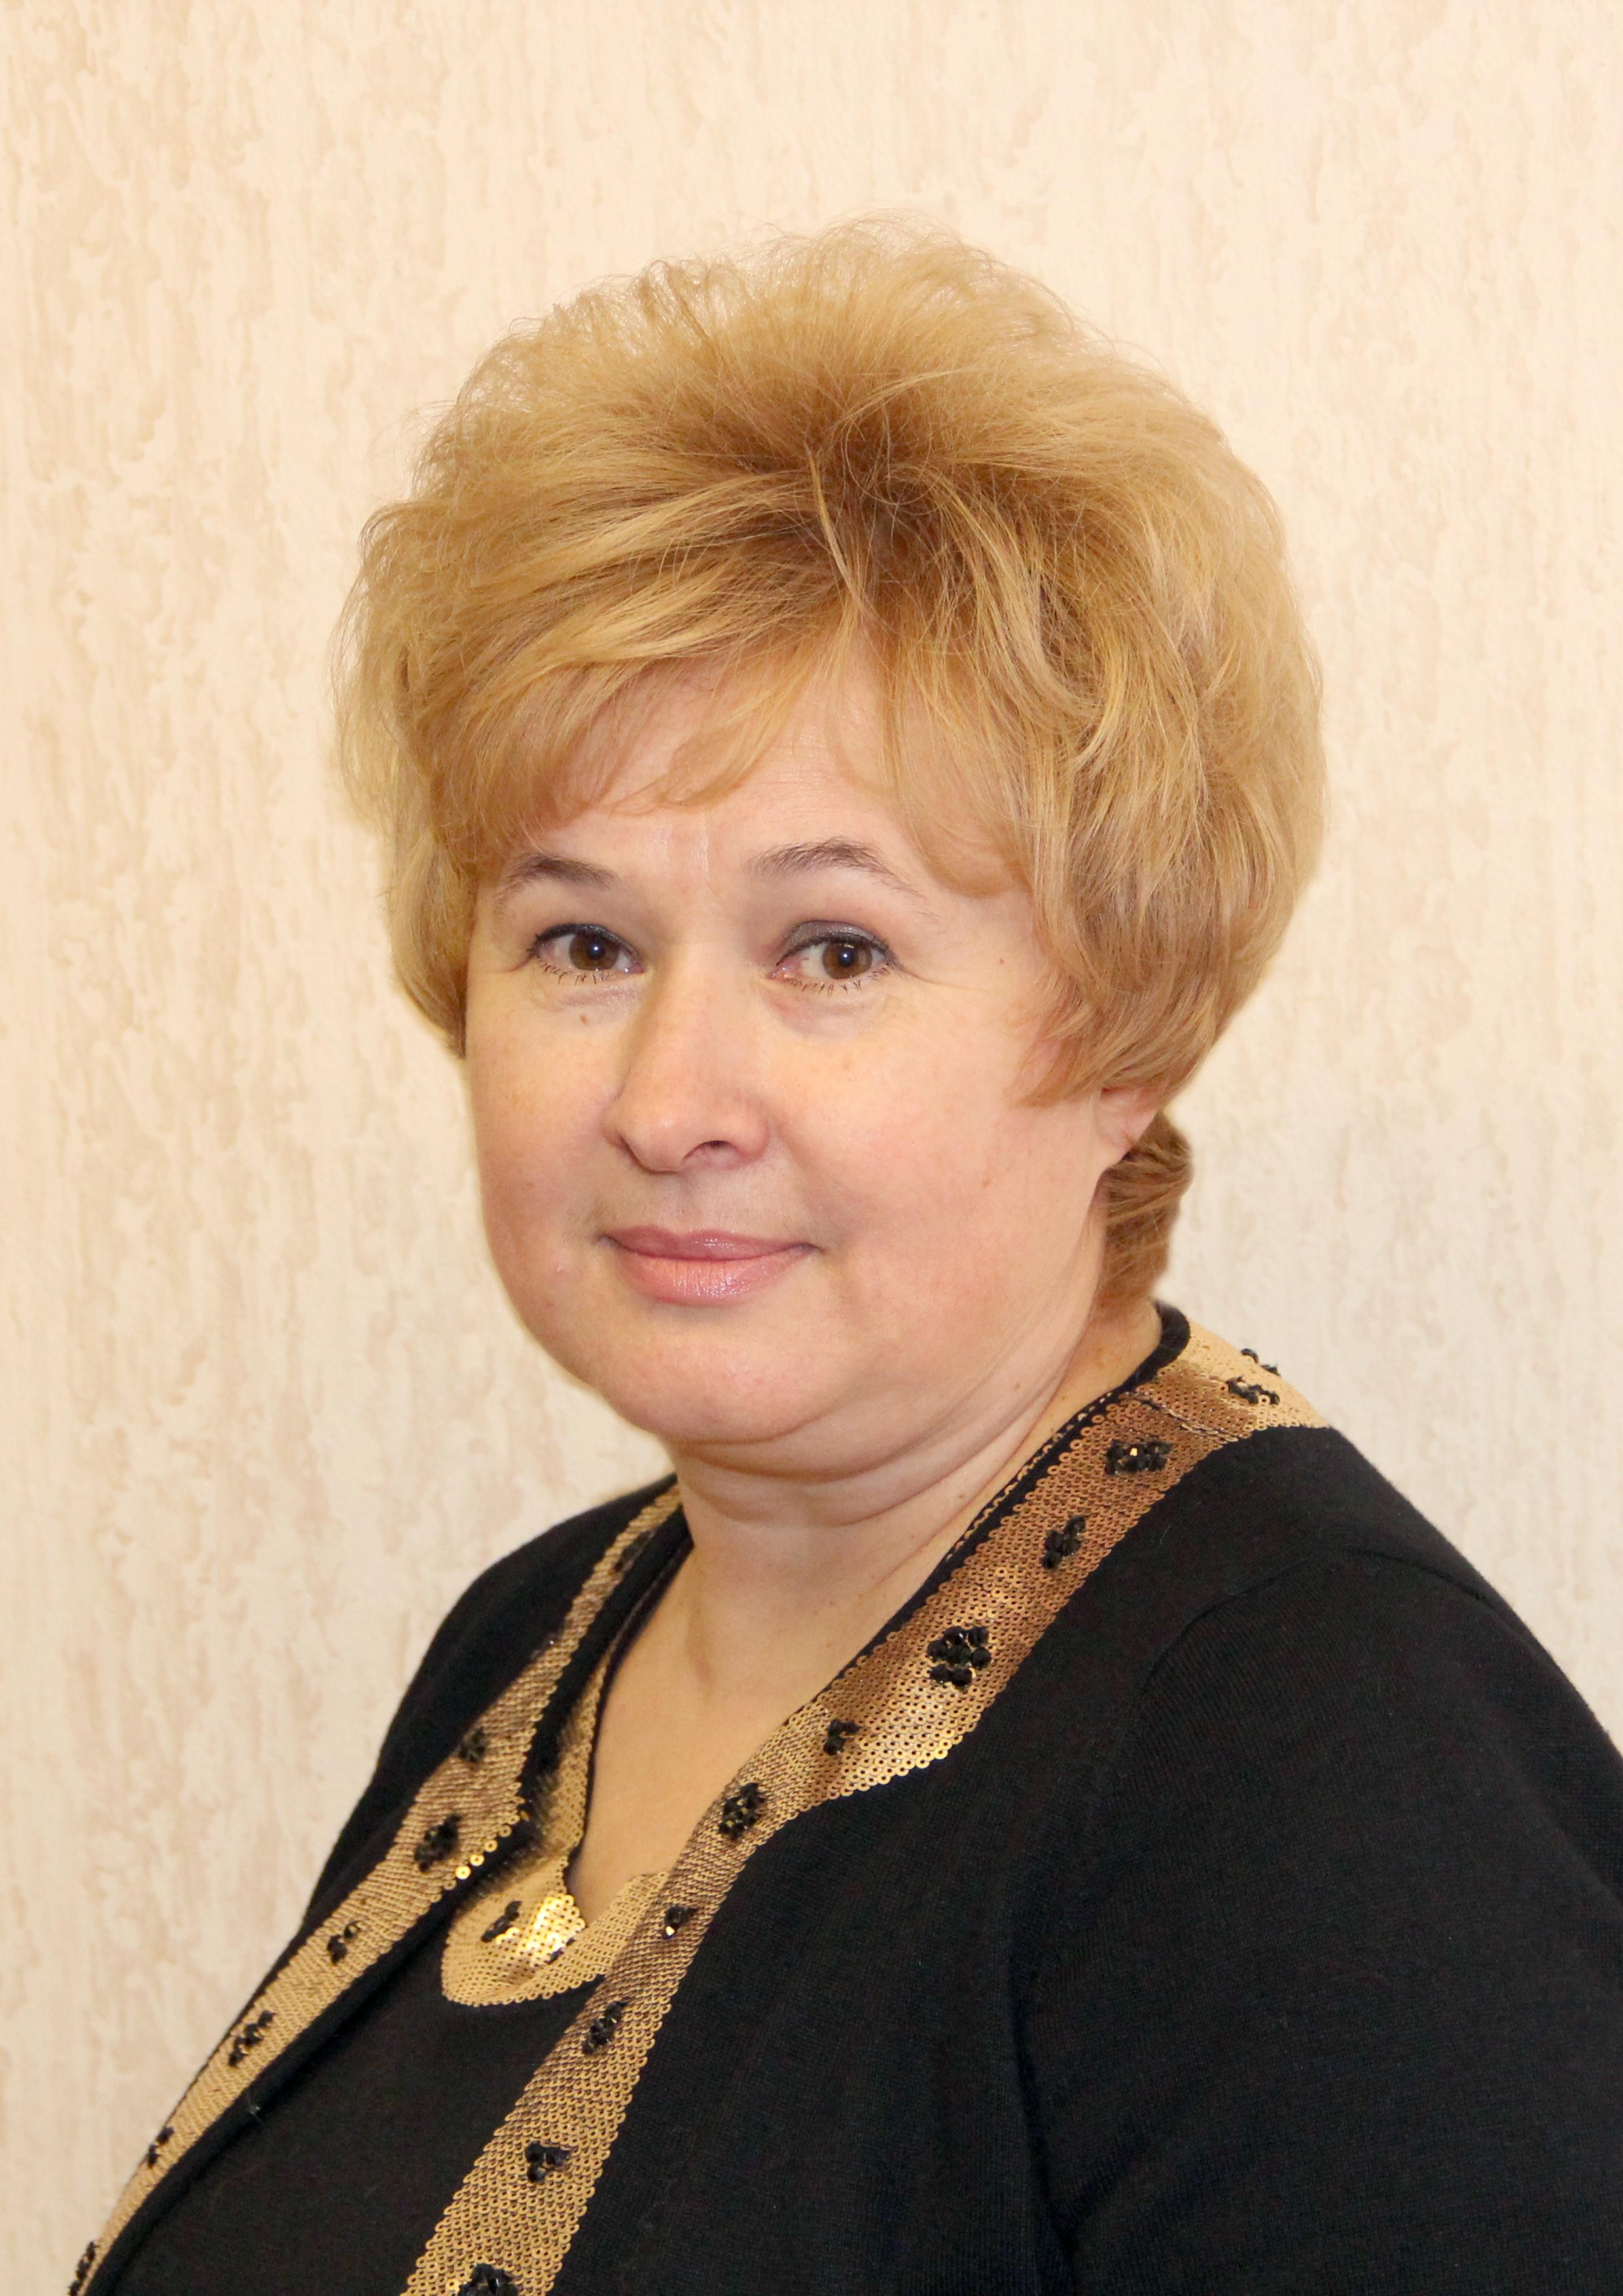 Зоя Тимофеевна Радько (в течение долгого времени заместитель заведующего кафедрой, на кафедре с момента основания кафедры, на пенсии)